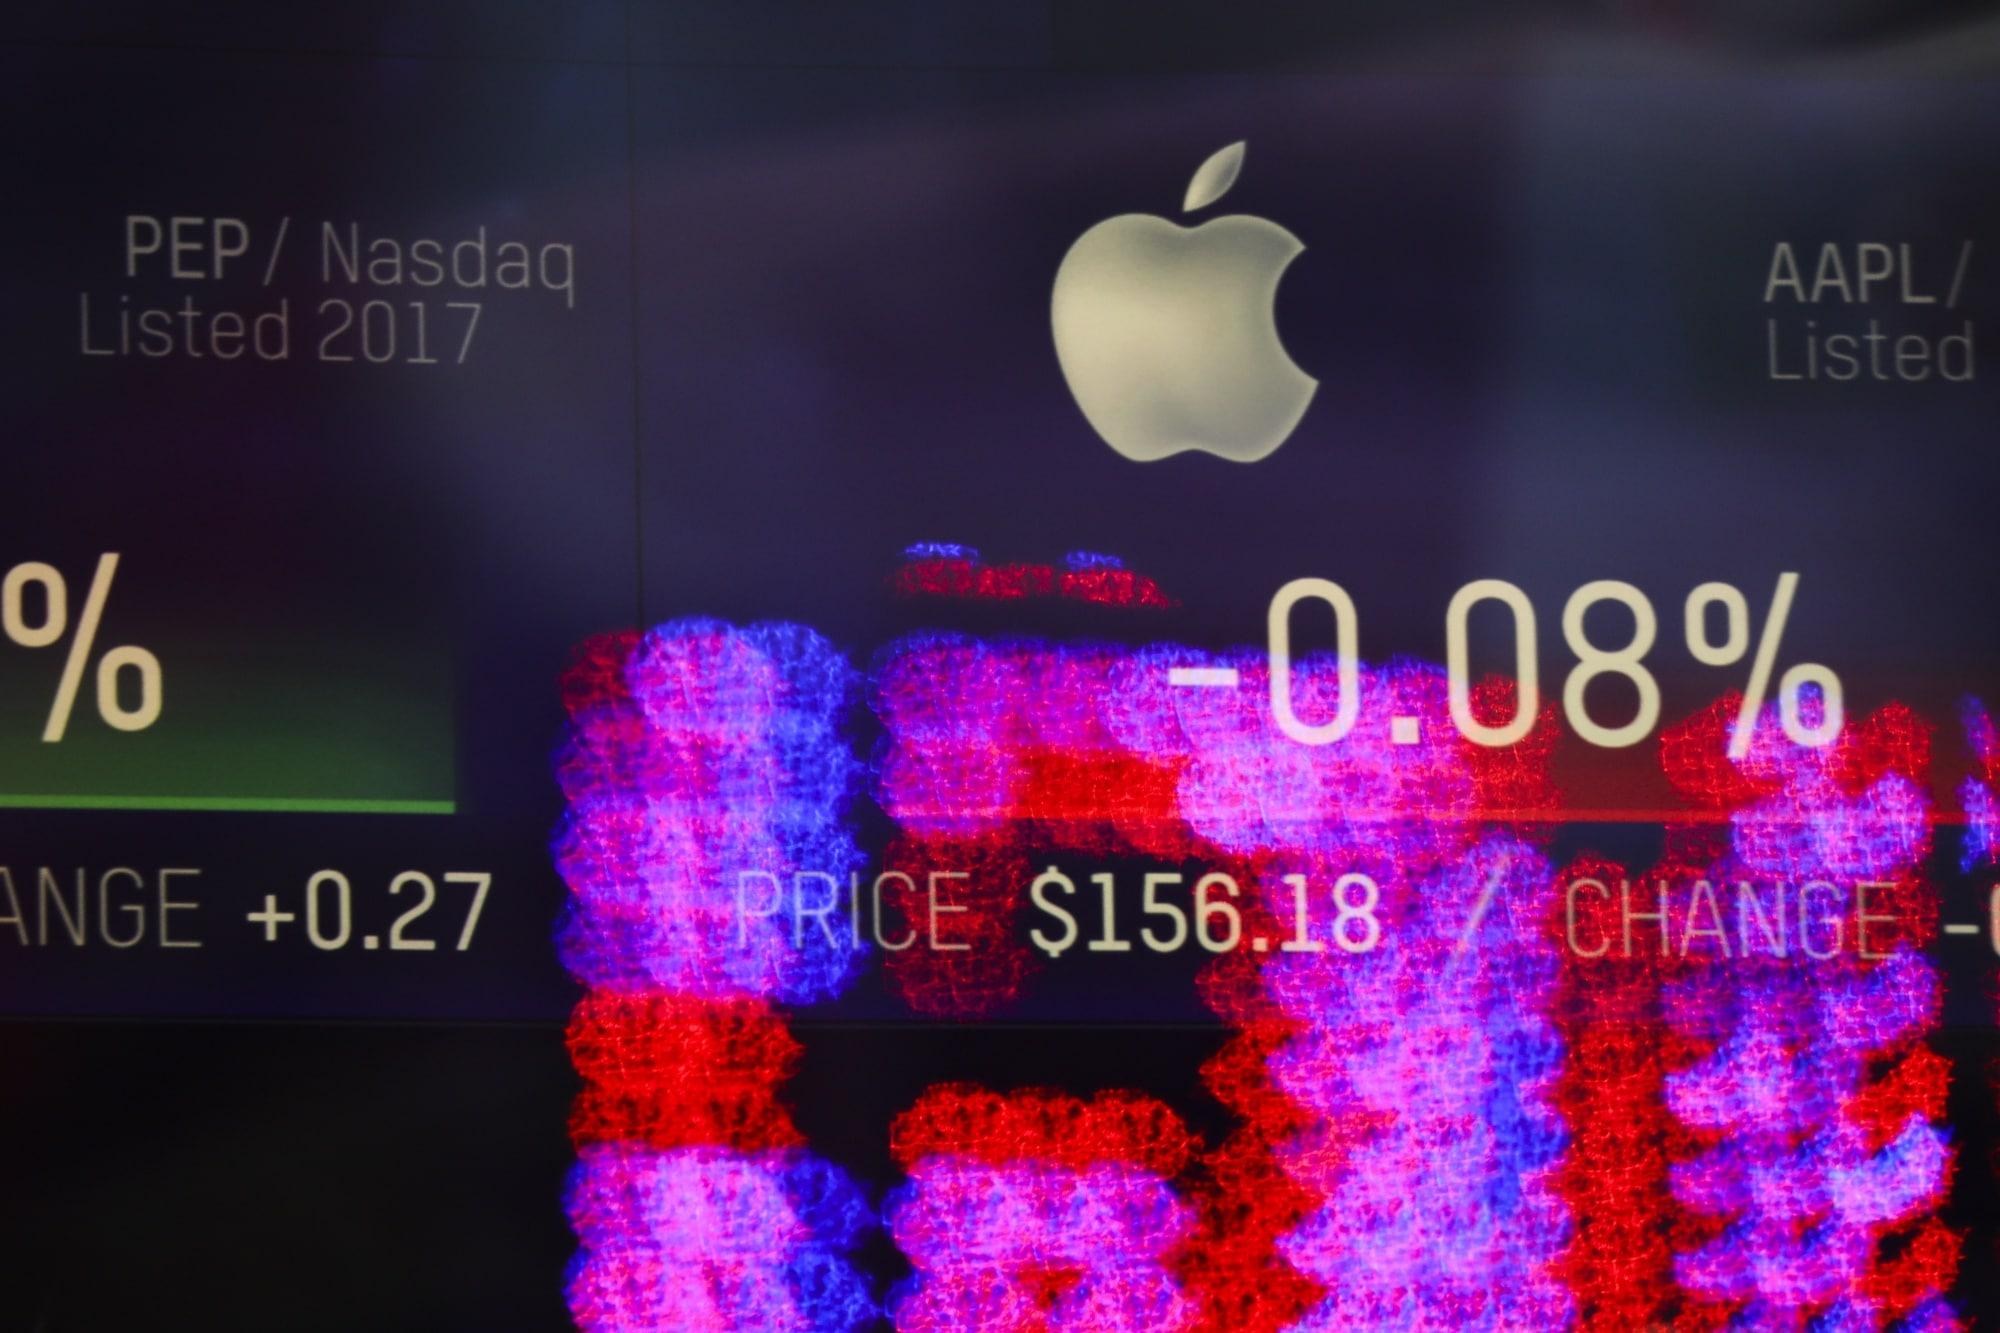 Números e ações da Apple